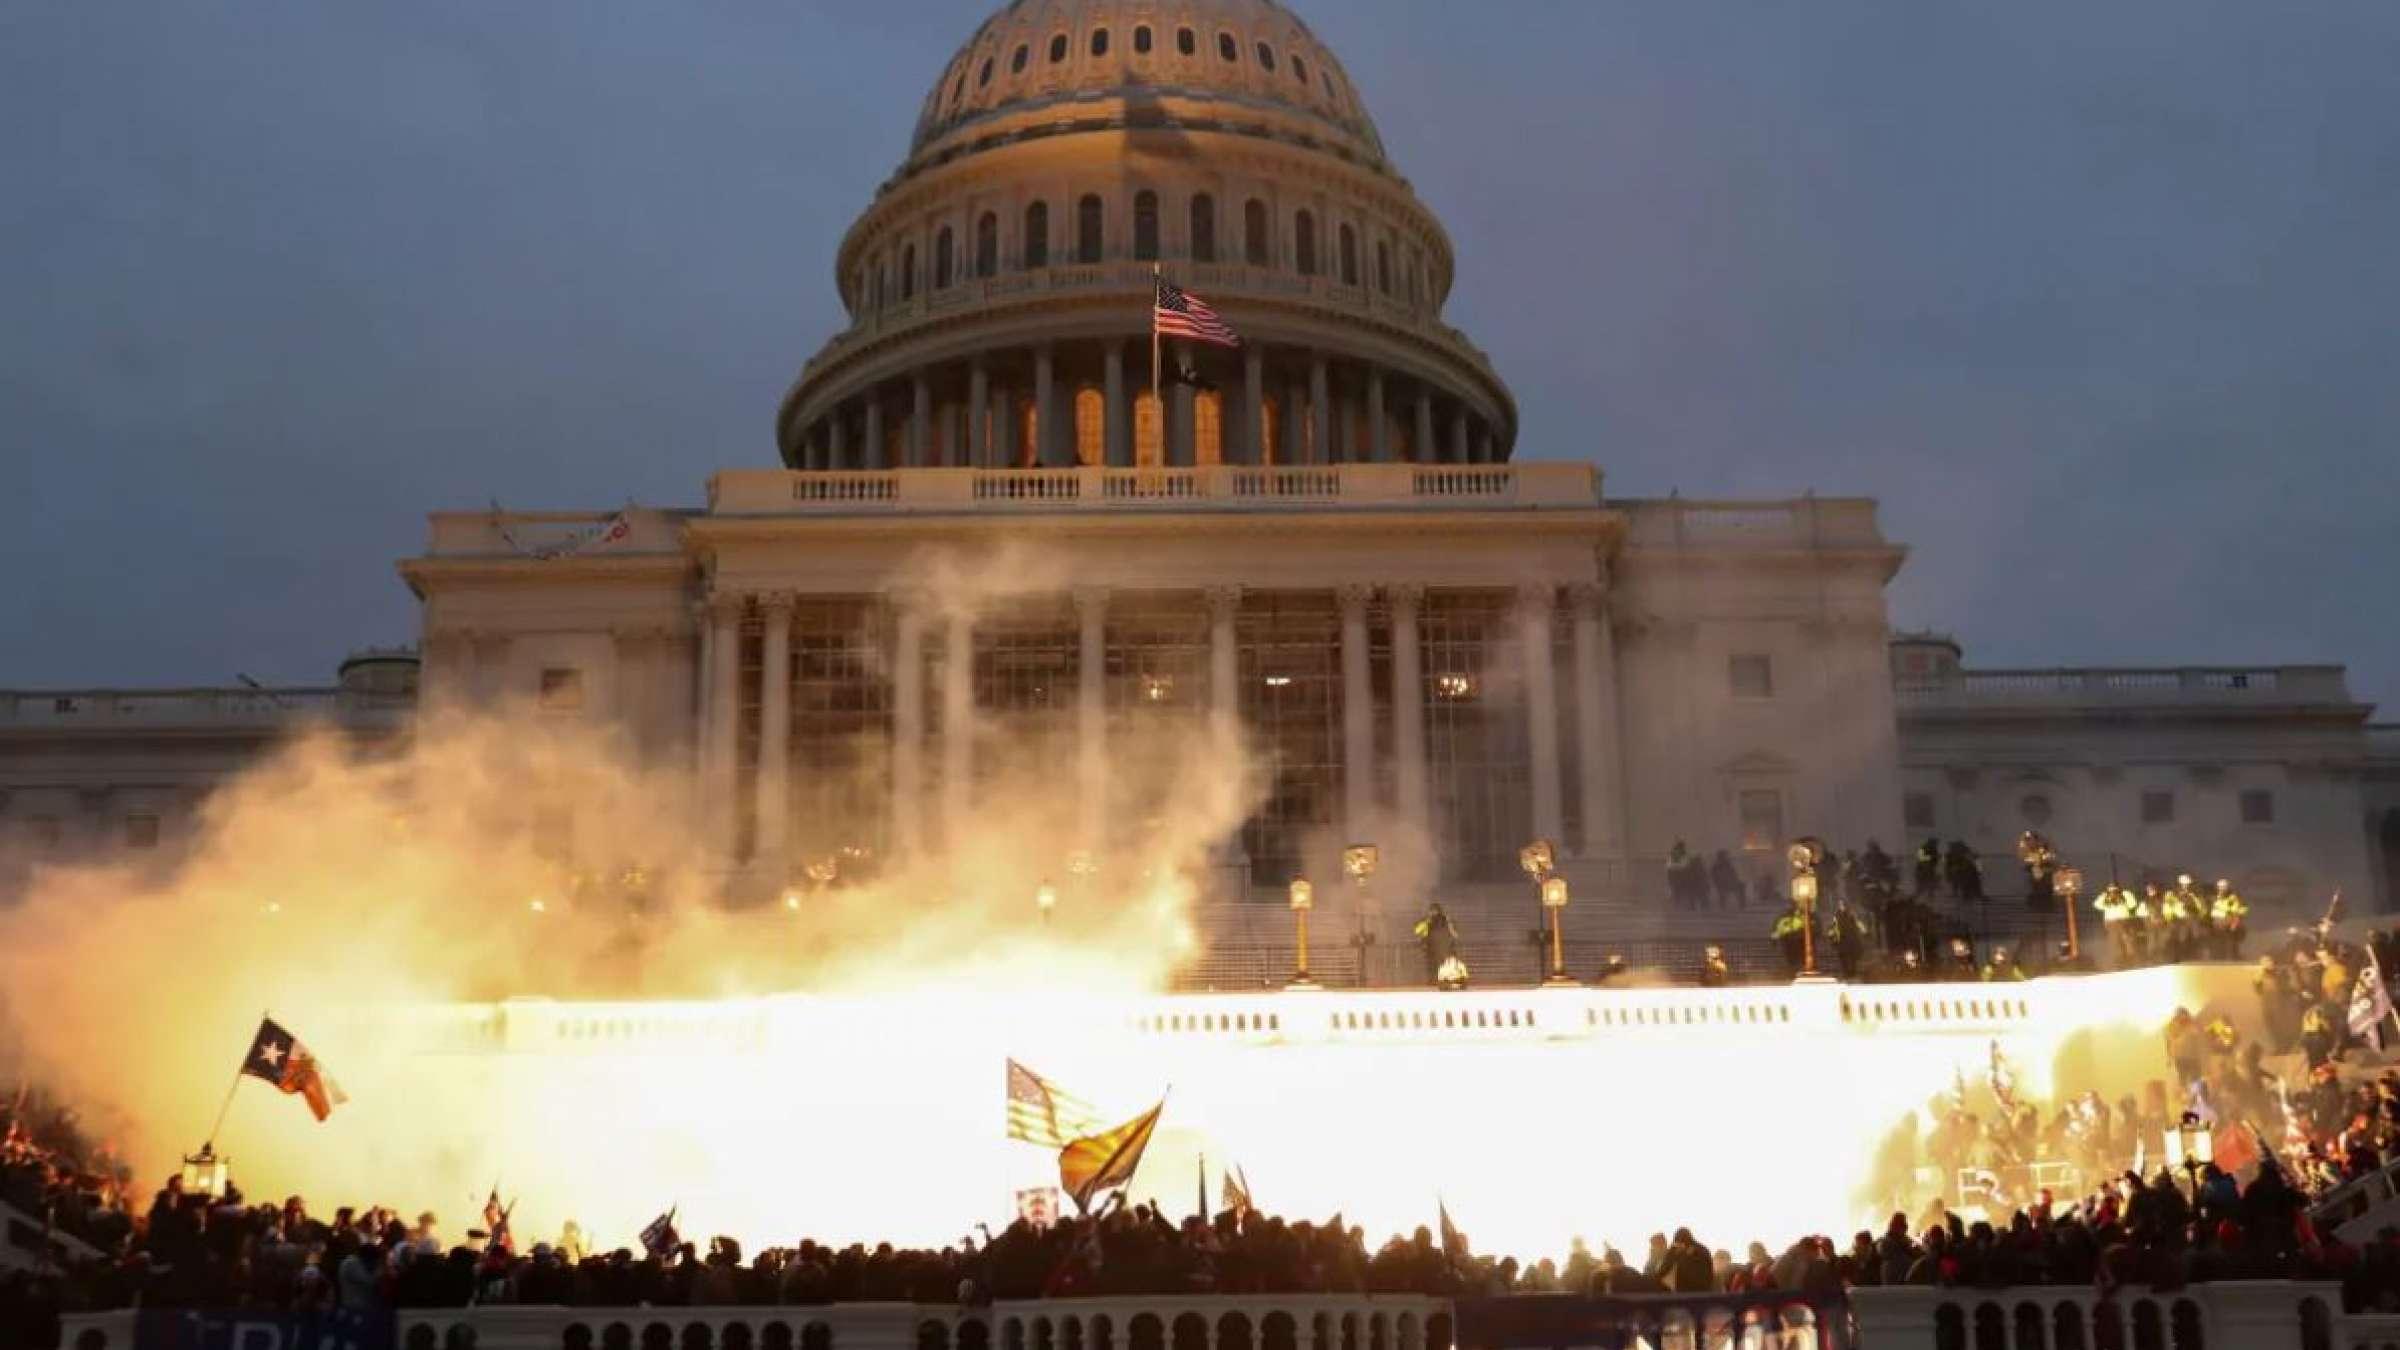 اشغال-کنگره-آمریکا-توسط-افراطیون-به-درخواست-دونالد-ترامپ-6-ژانویه-2021-میلادی-در-تاریخ-آمریکا- ماندنی-شد